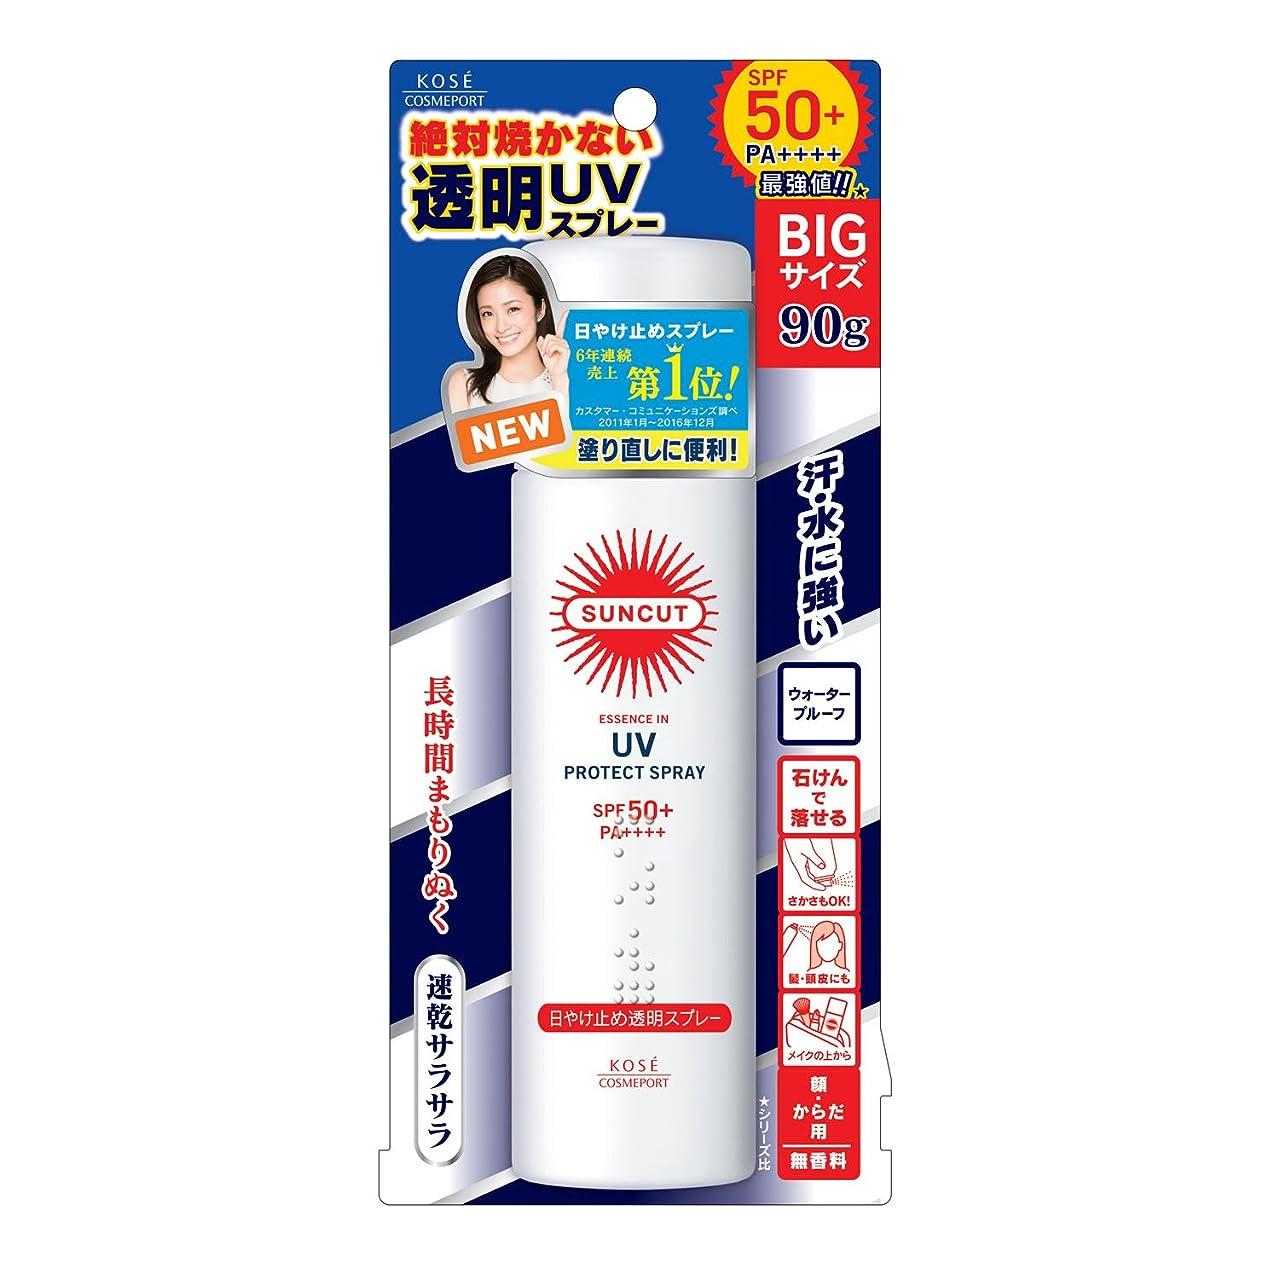 焦がす引っ張るボンドKOSE コーセー サンカット 日焼け止め 透明 スプレー 無香料 90g SPF50+ PA++++